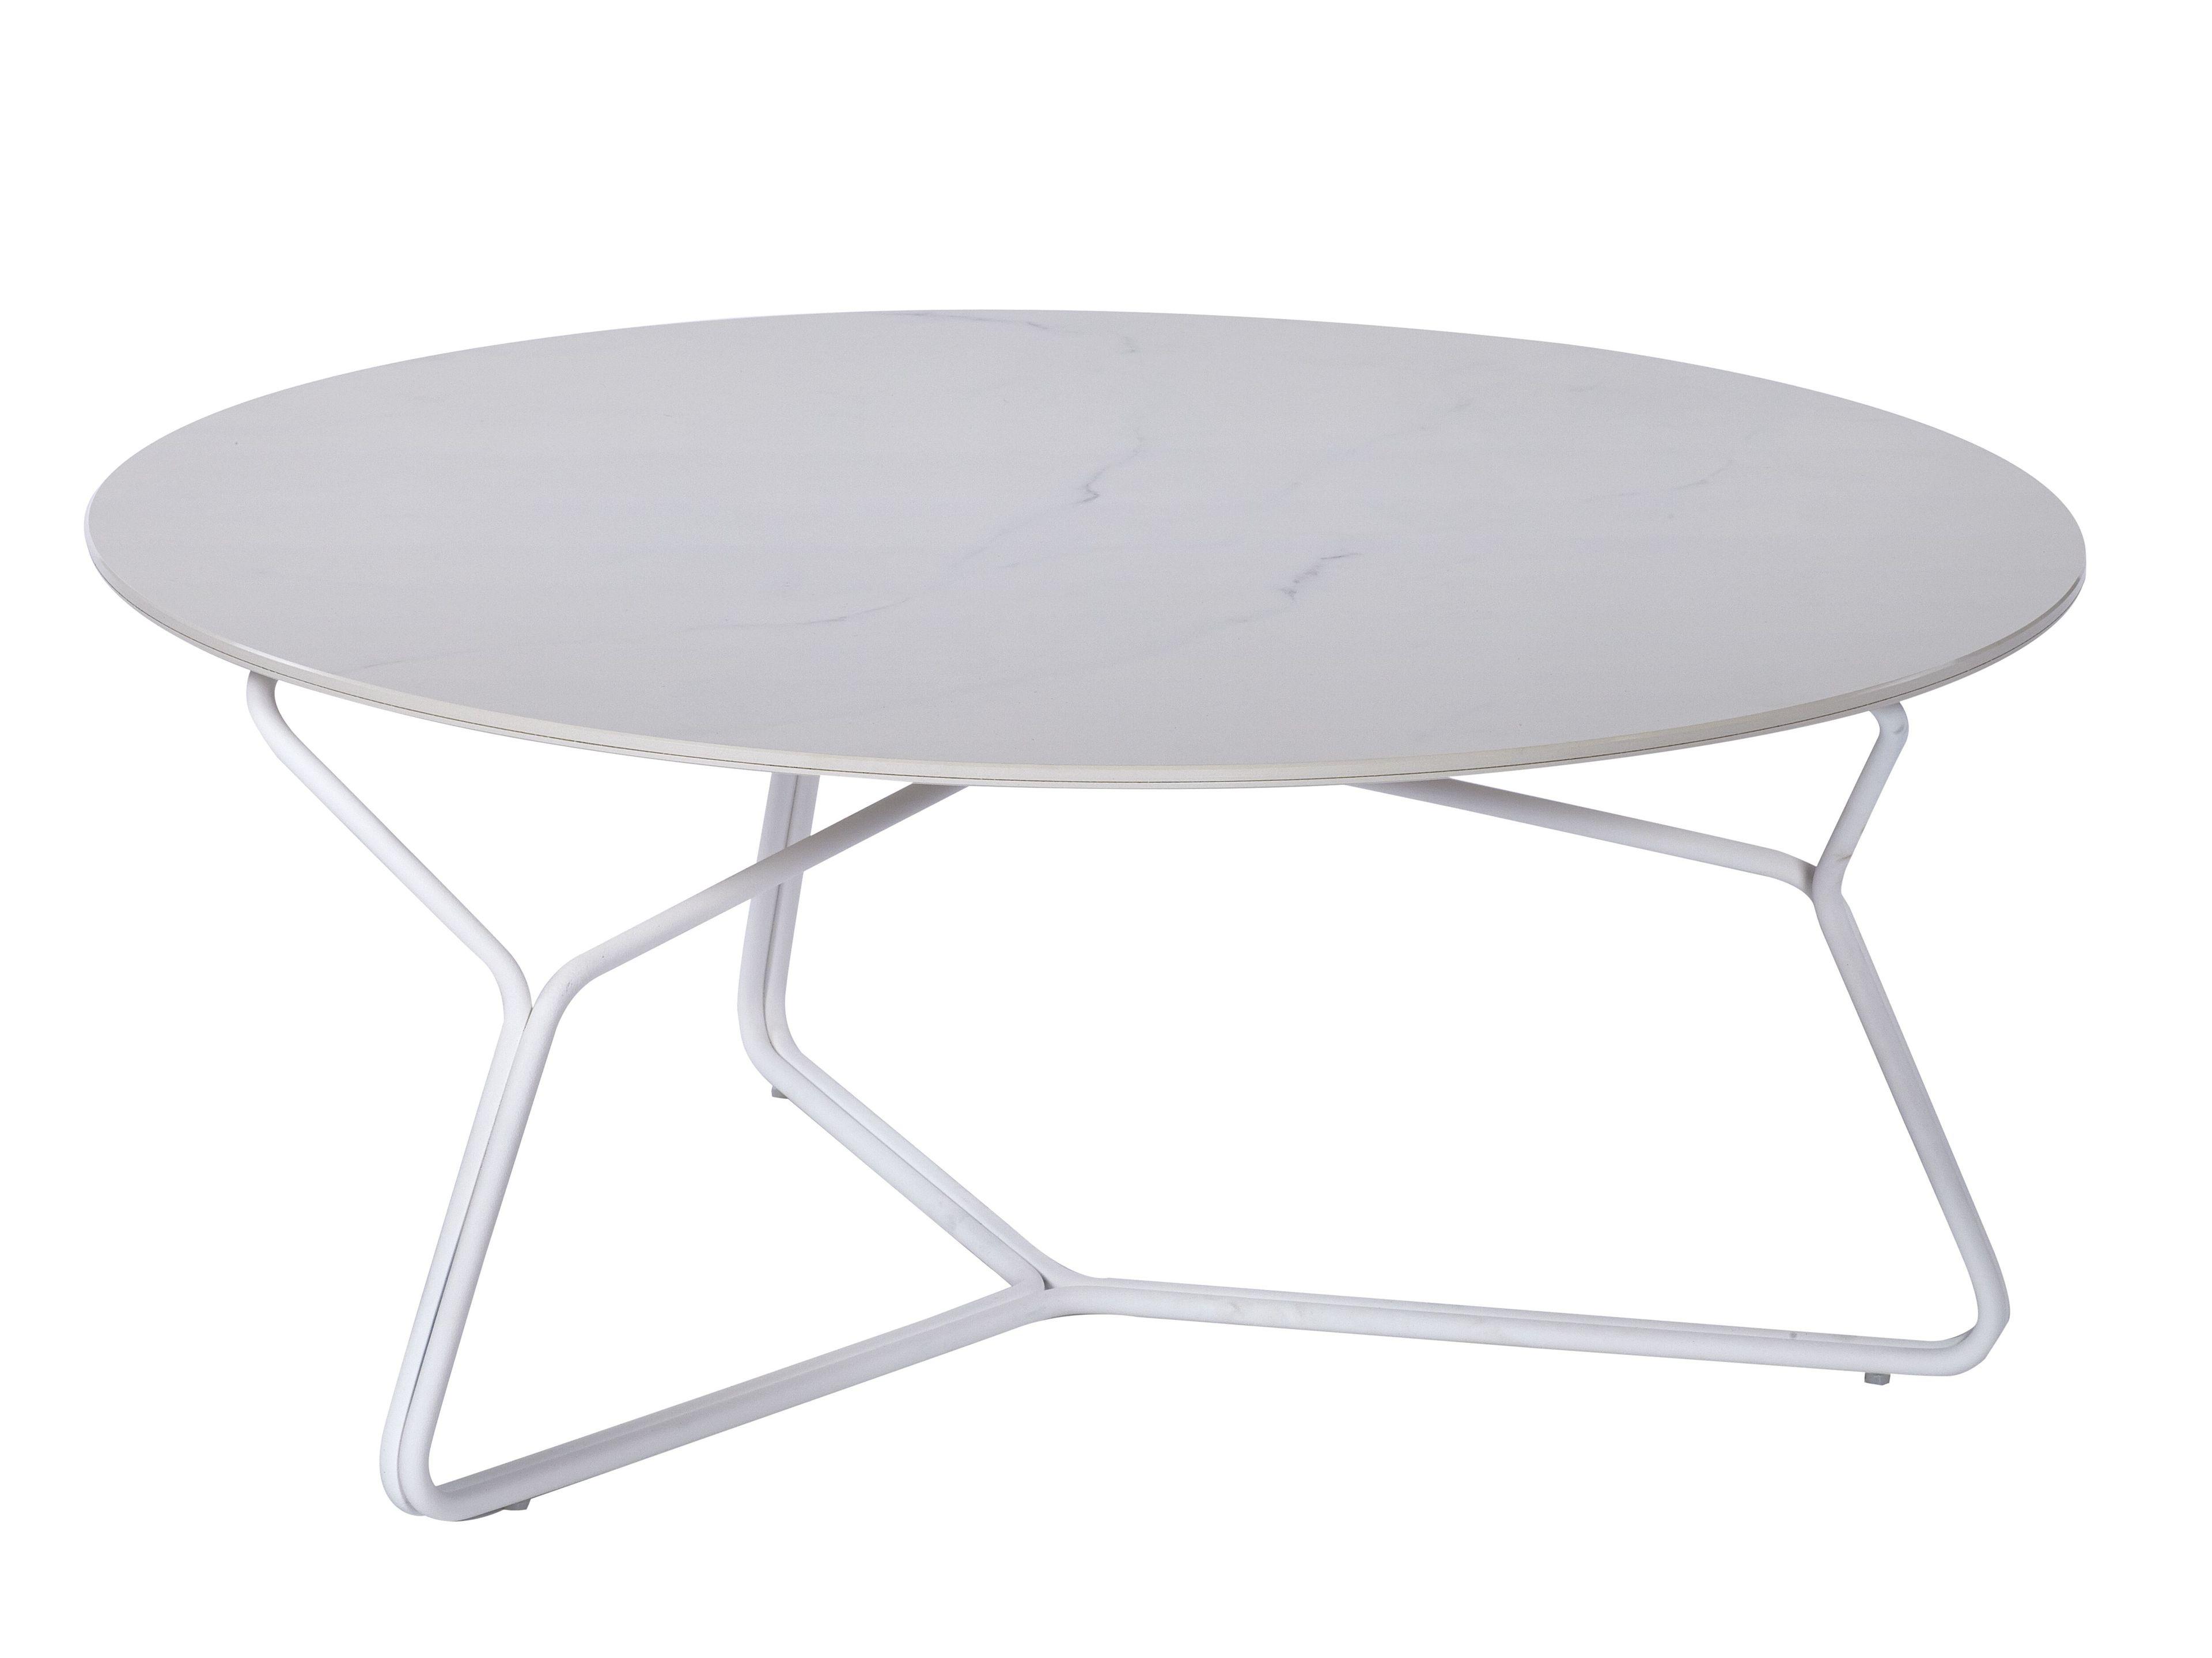 SERAC Tavolino Collezione Serac by OASIQ design Mark Gabbertas